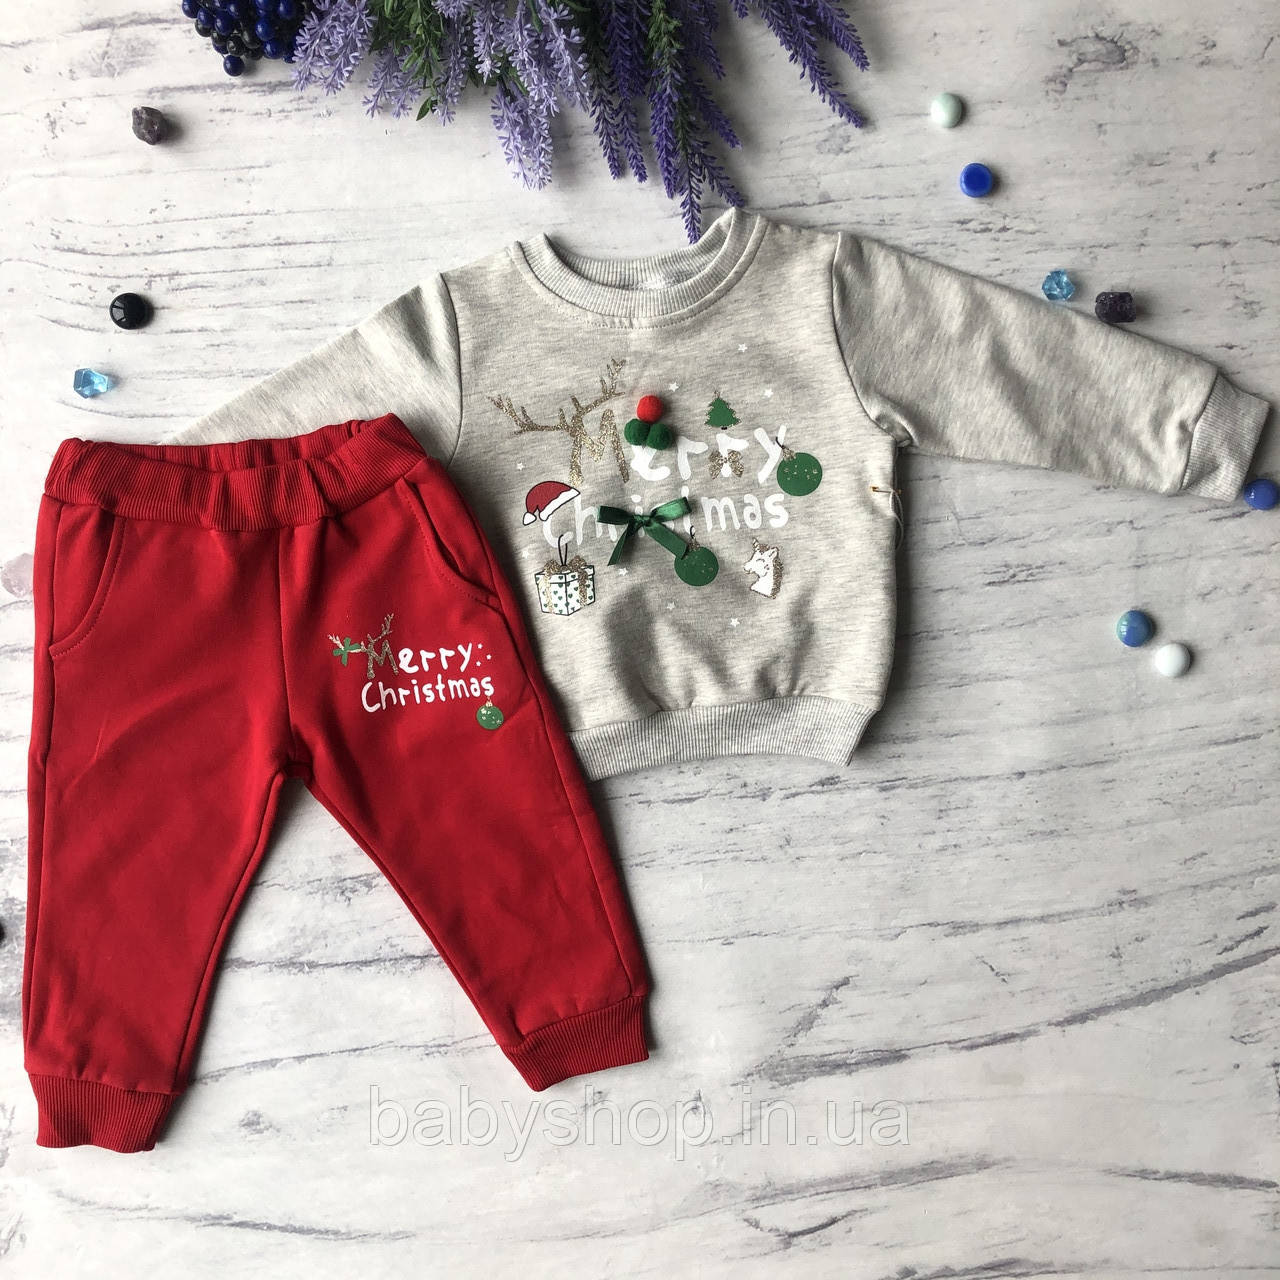 Теплый новогодний костюм на мальчика и девочку 46. Размер 80 см, 86 см, 92 см,  98 см